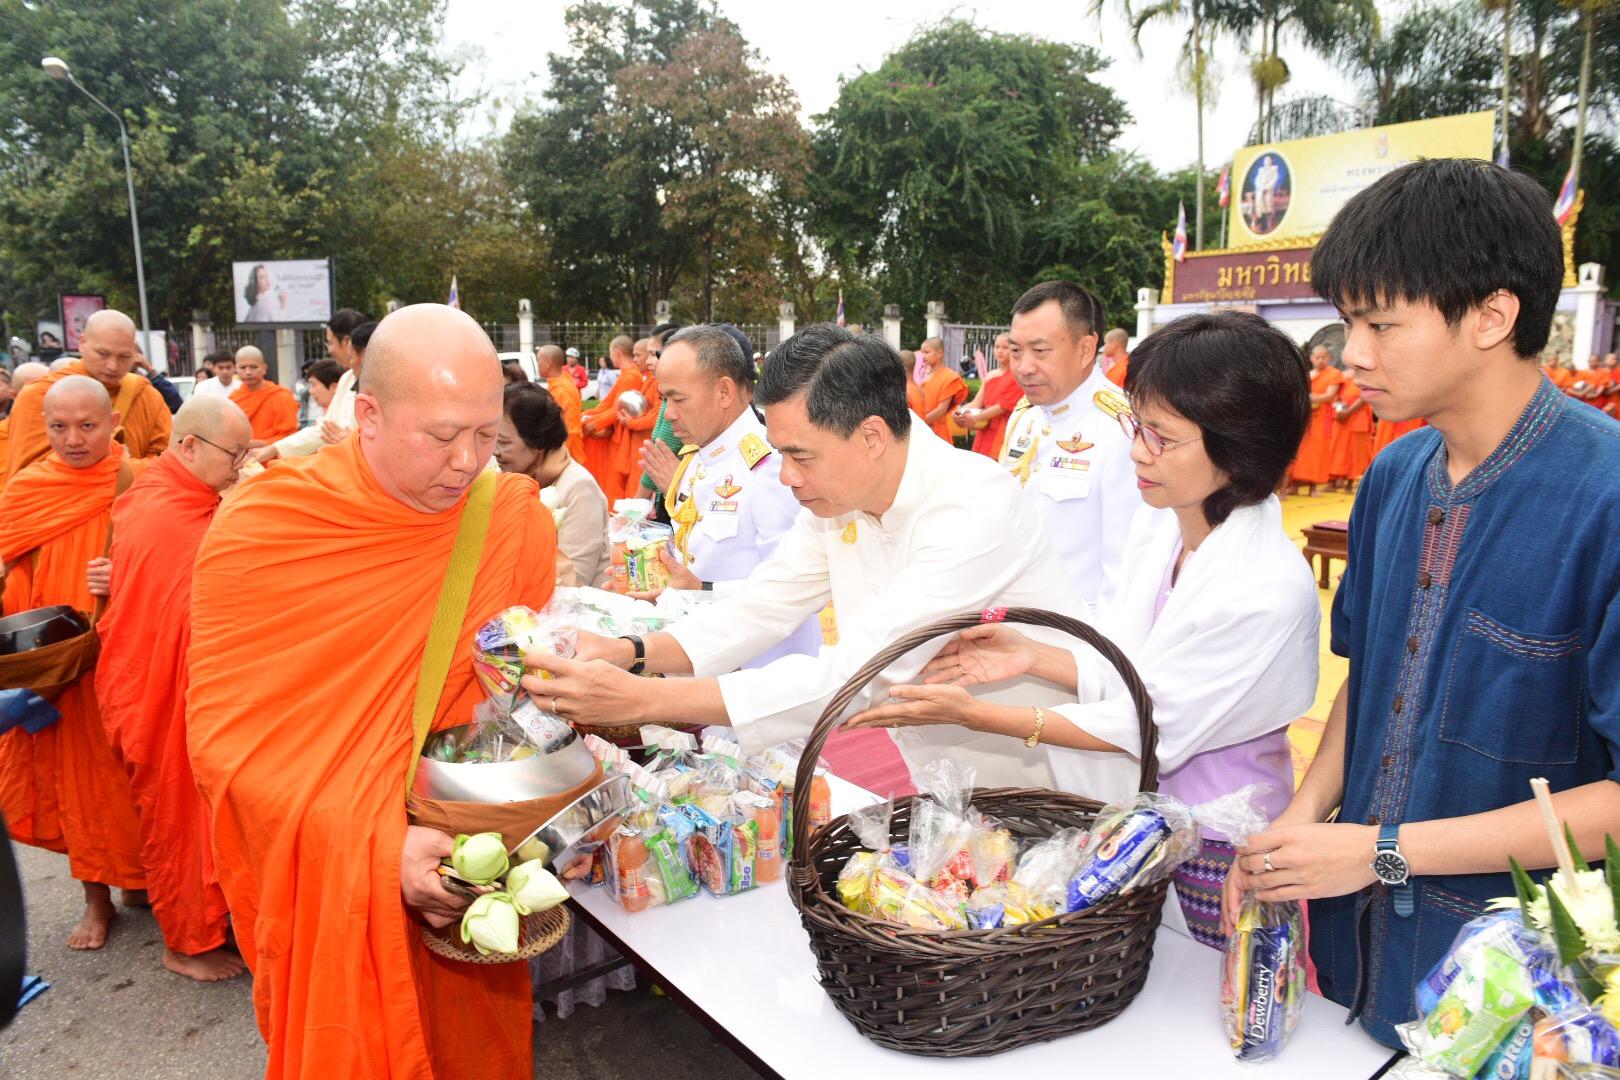 ร่วมพิธีทำบุญตักบาตรวันขึ้นปีใหม่ พุทธศักราช 2561